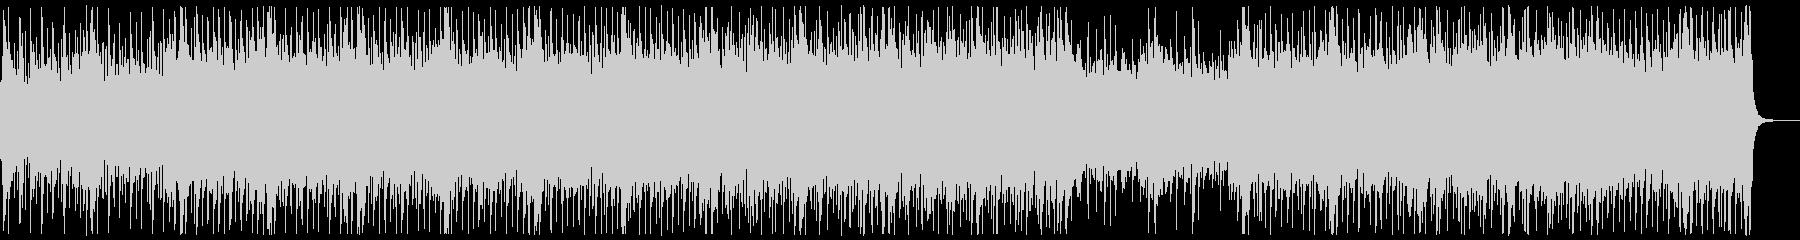 和楽器・和風・サムライロック:琴尺八ぬきの未再生の波形